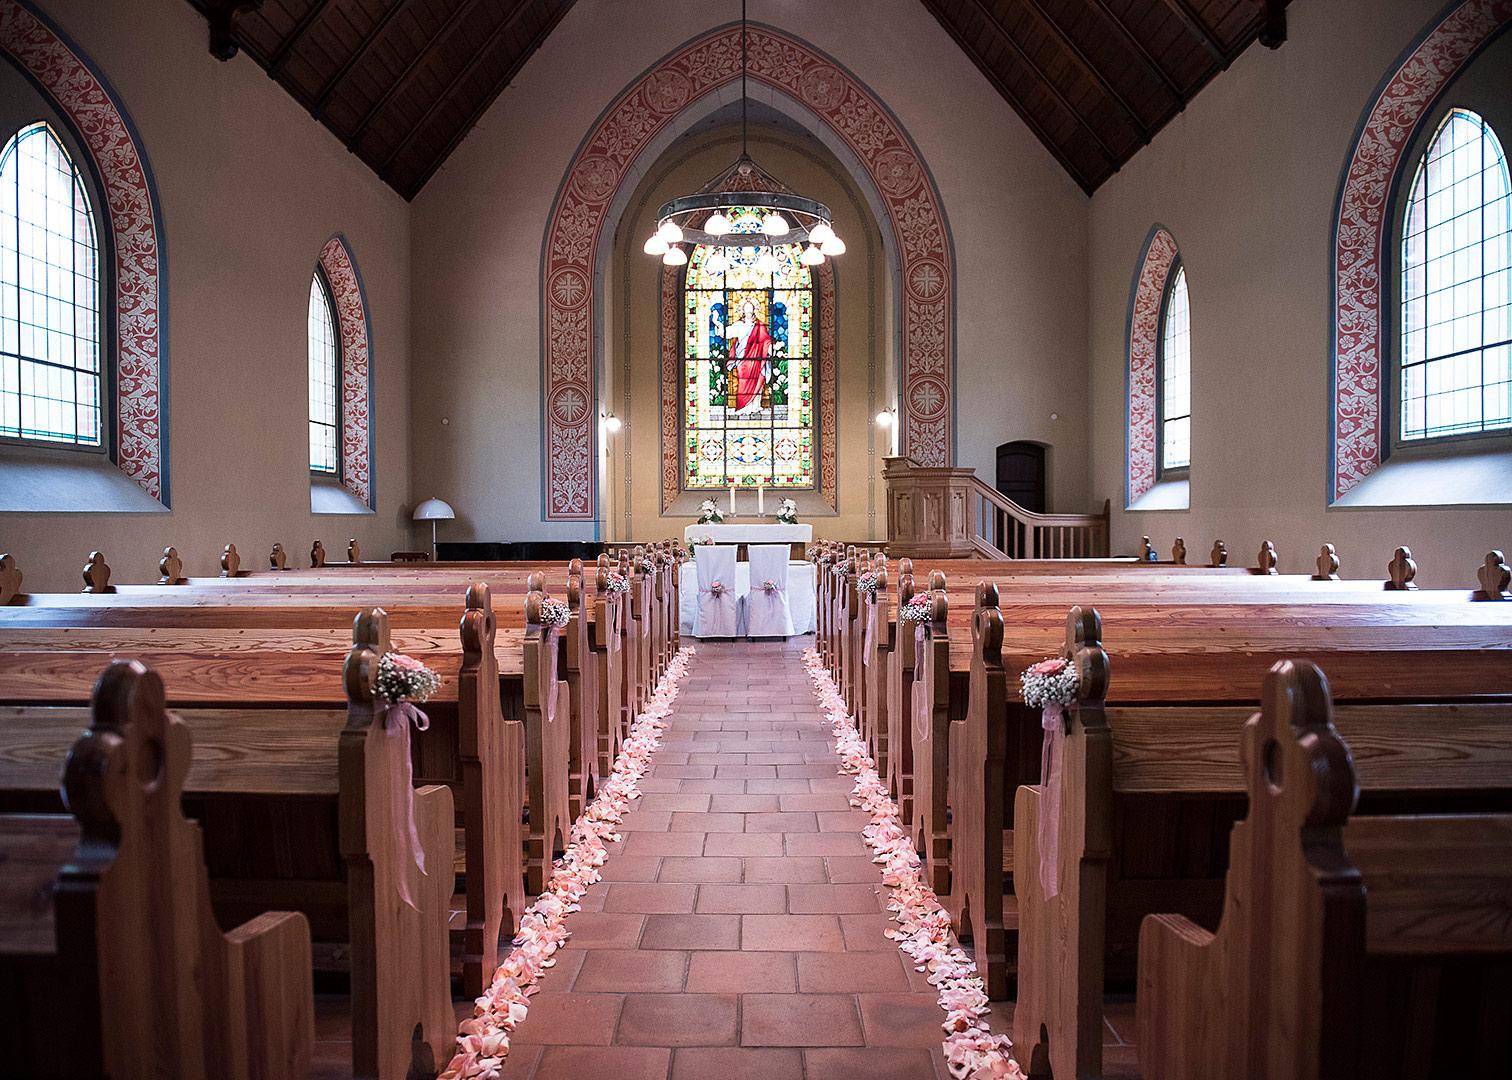 waldkapelle bad belzig, blumenschmuck, standesamtliche trauung in bad belzig, außenstelle standesamt bad belzig, kirchliche hochzeit, heiraten in bad belzig